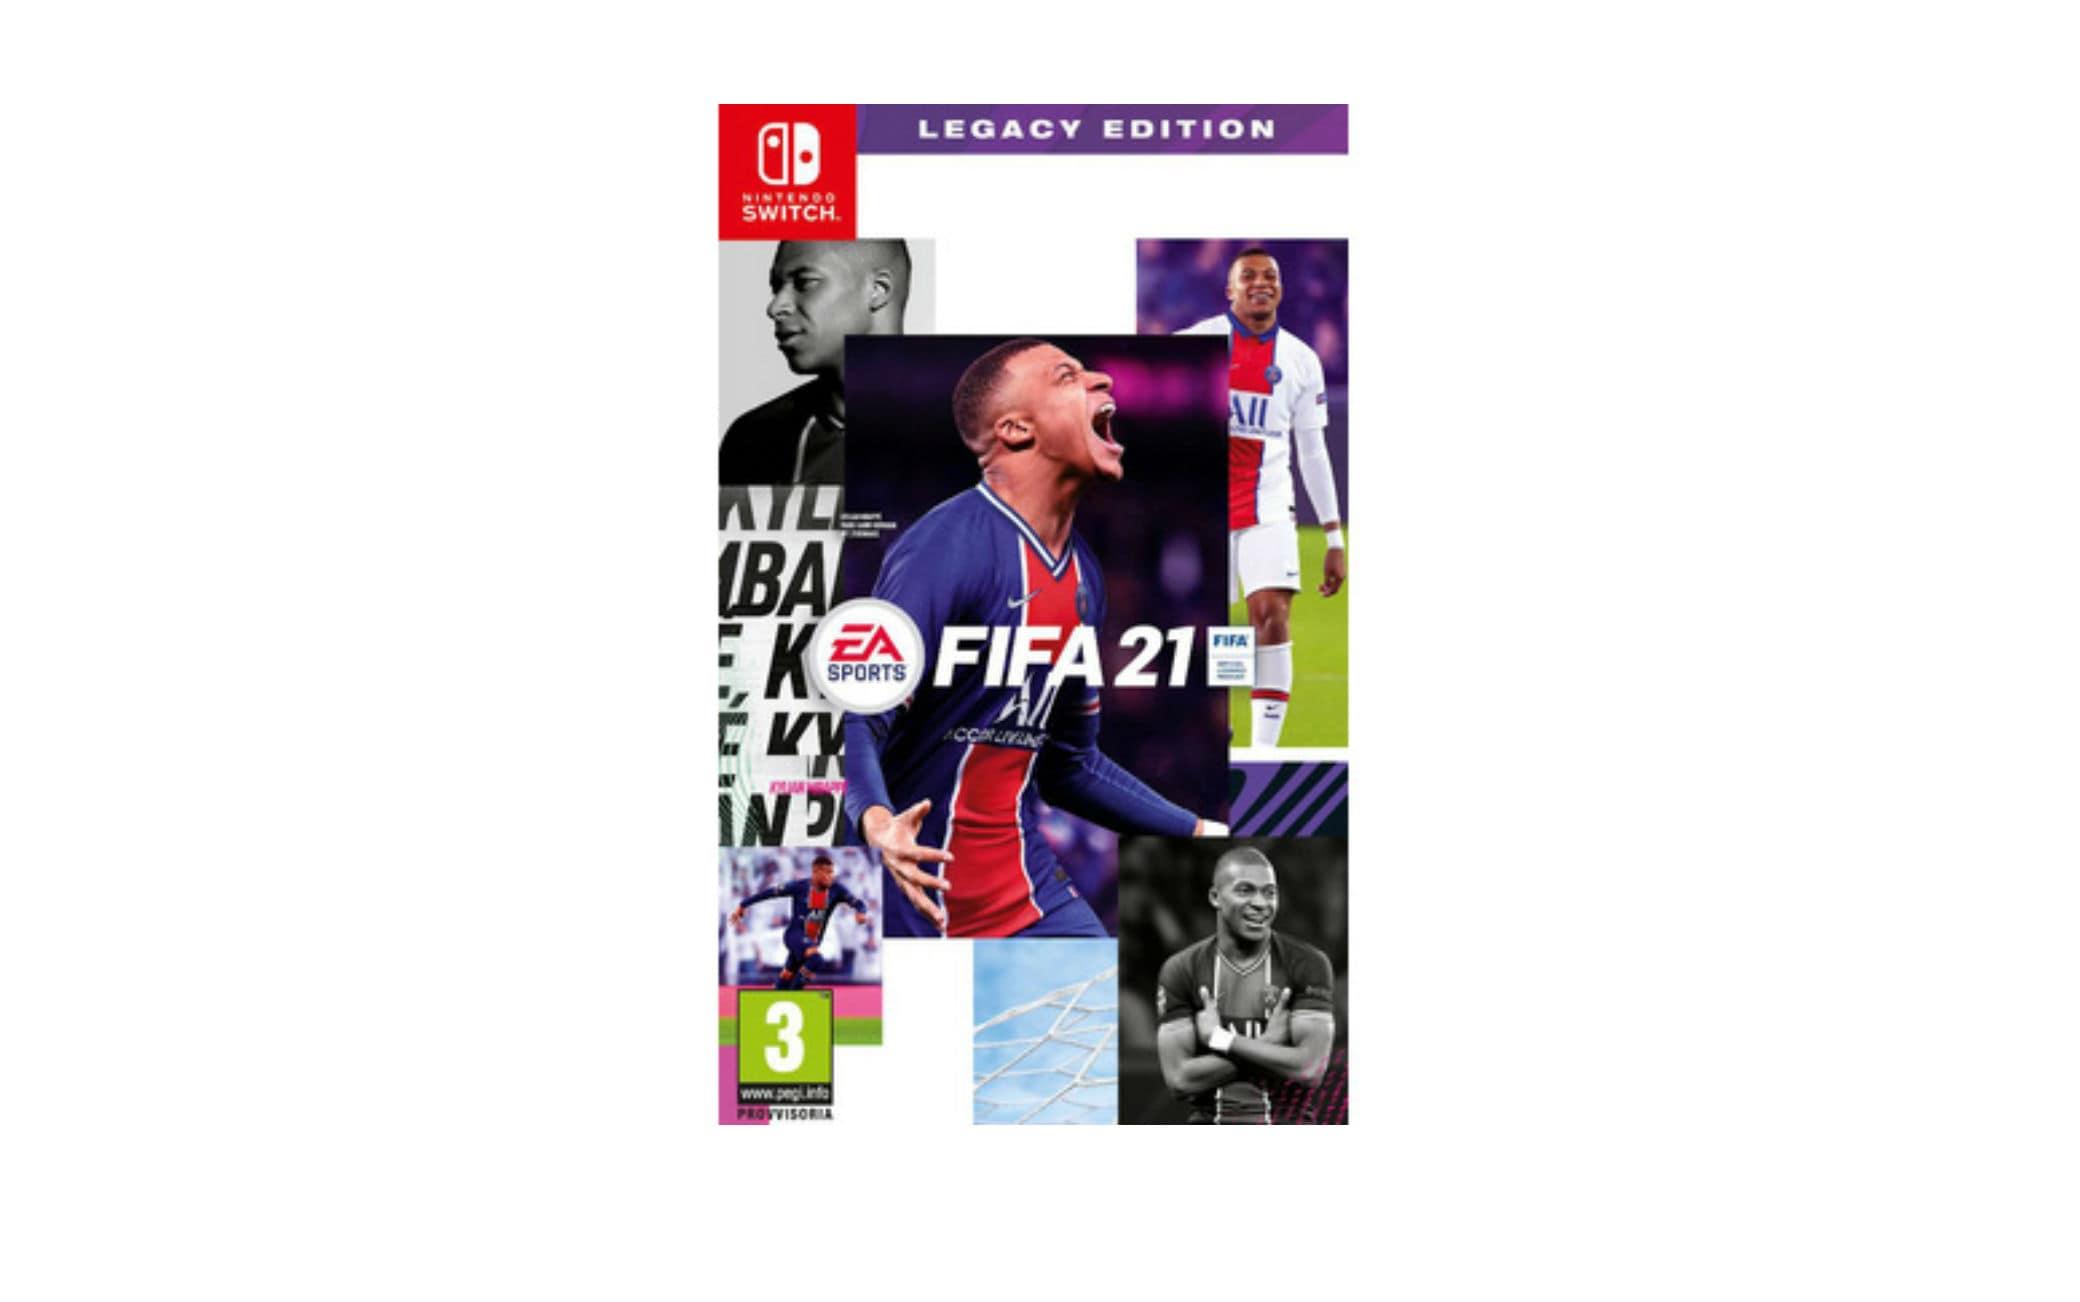 Fifa 21 Legacy